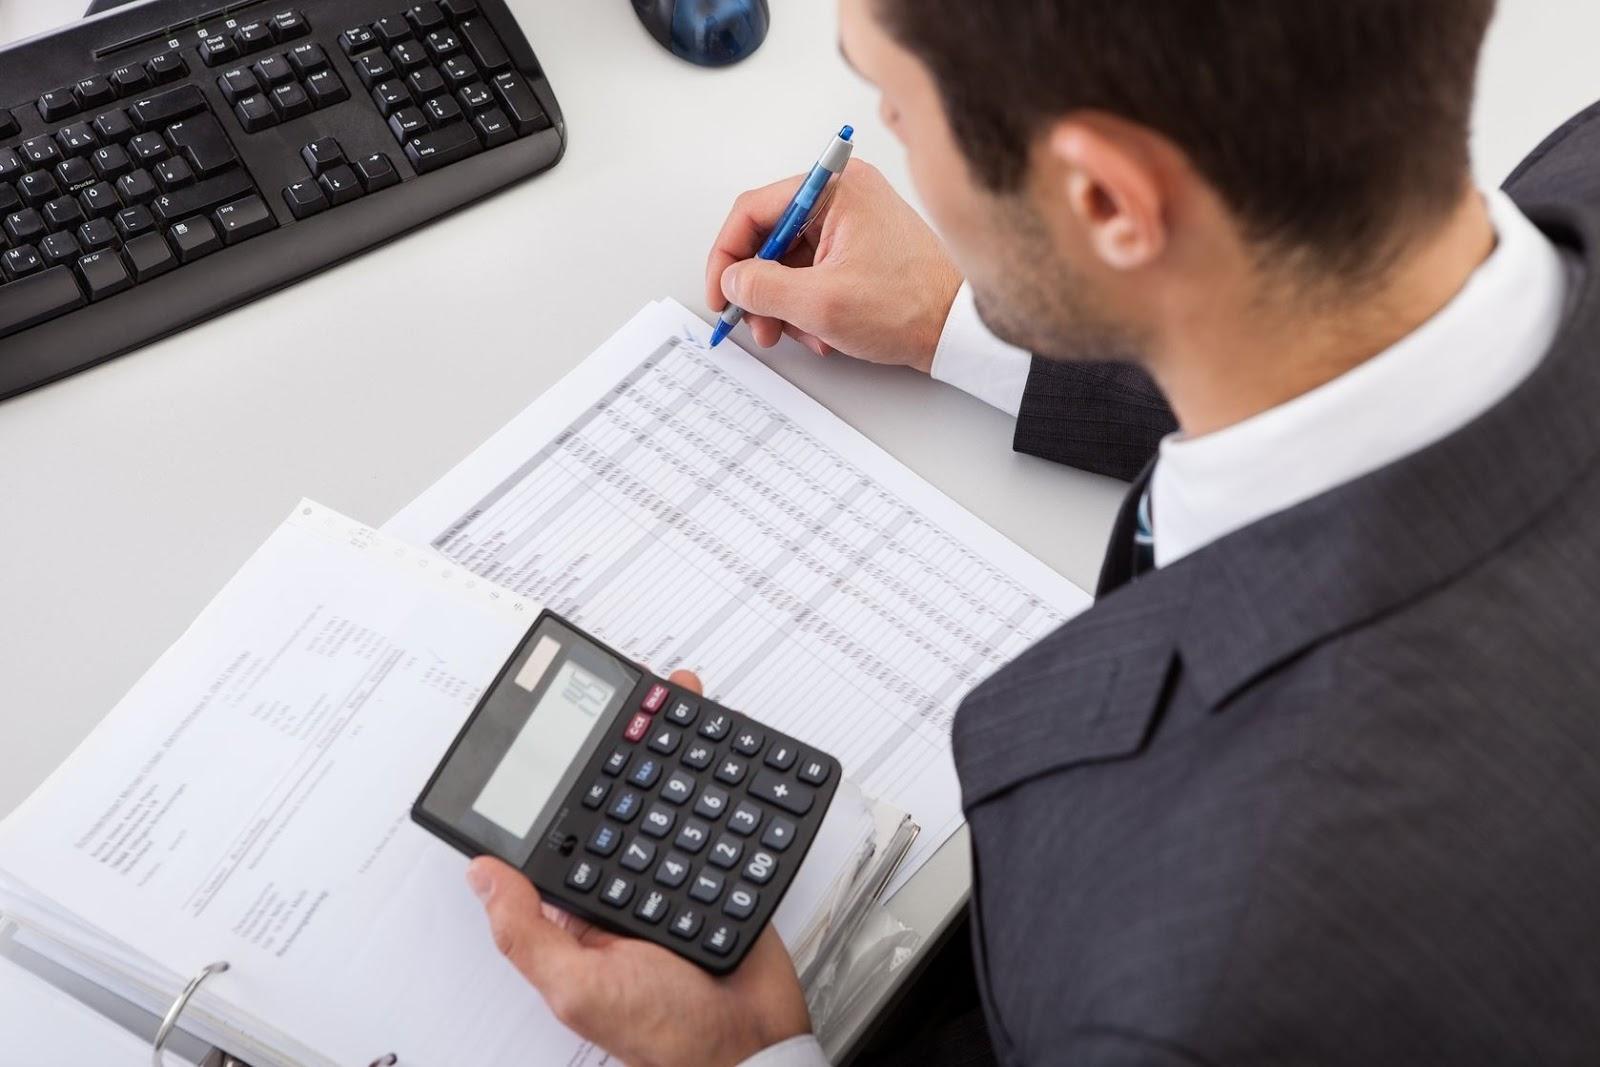 Αλλαγές στο Ε3 που συμπληρώνουν επαγγελματίες και επιχειρήσεις